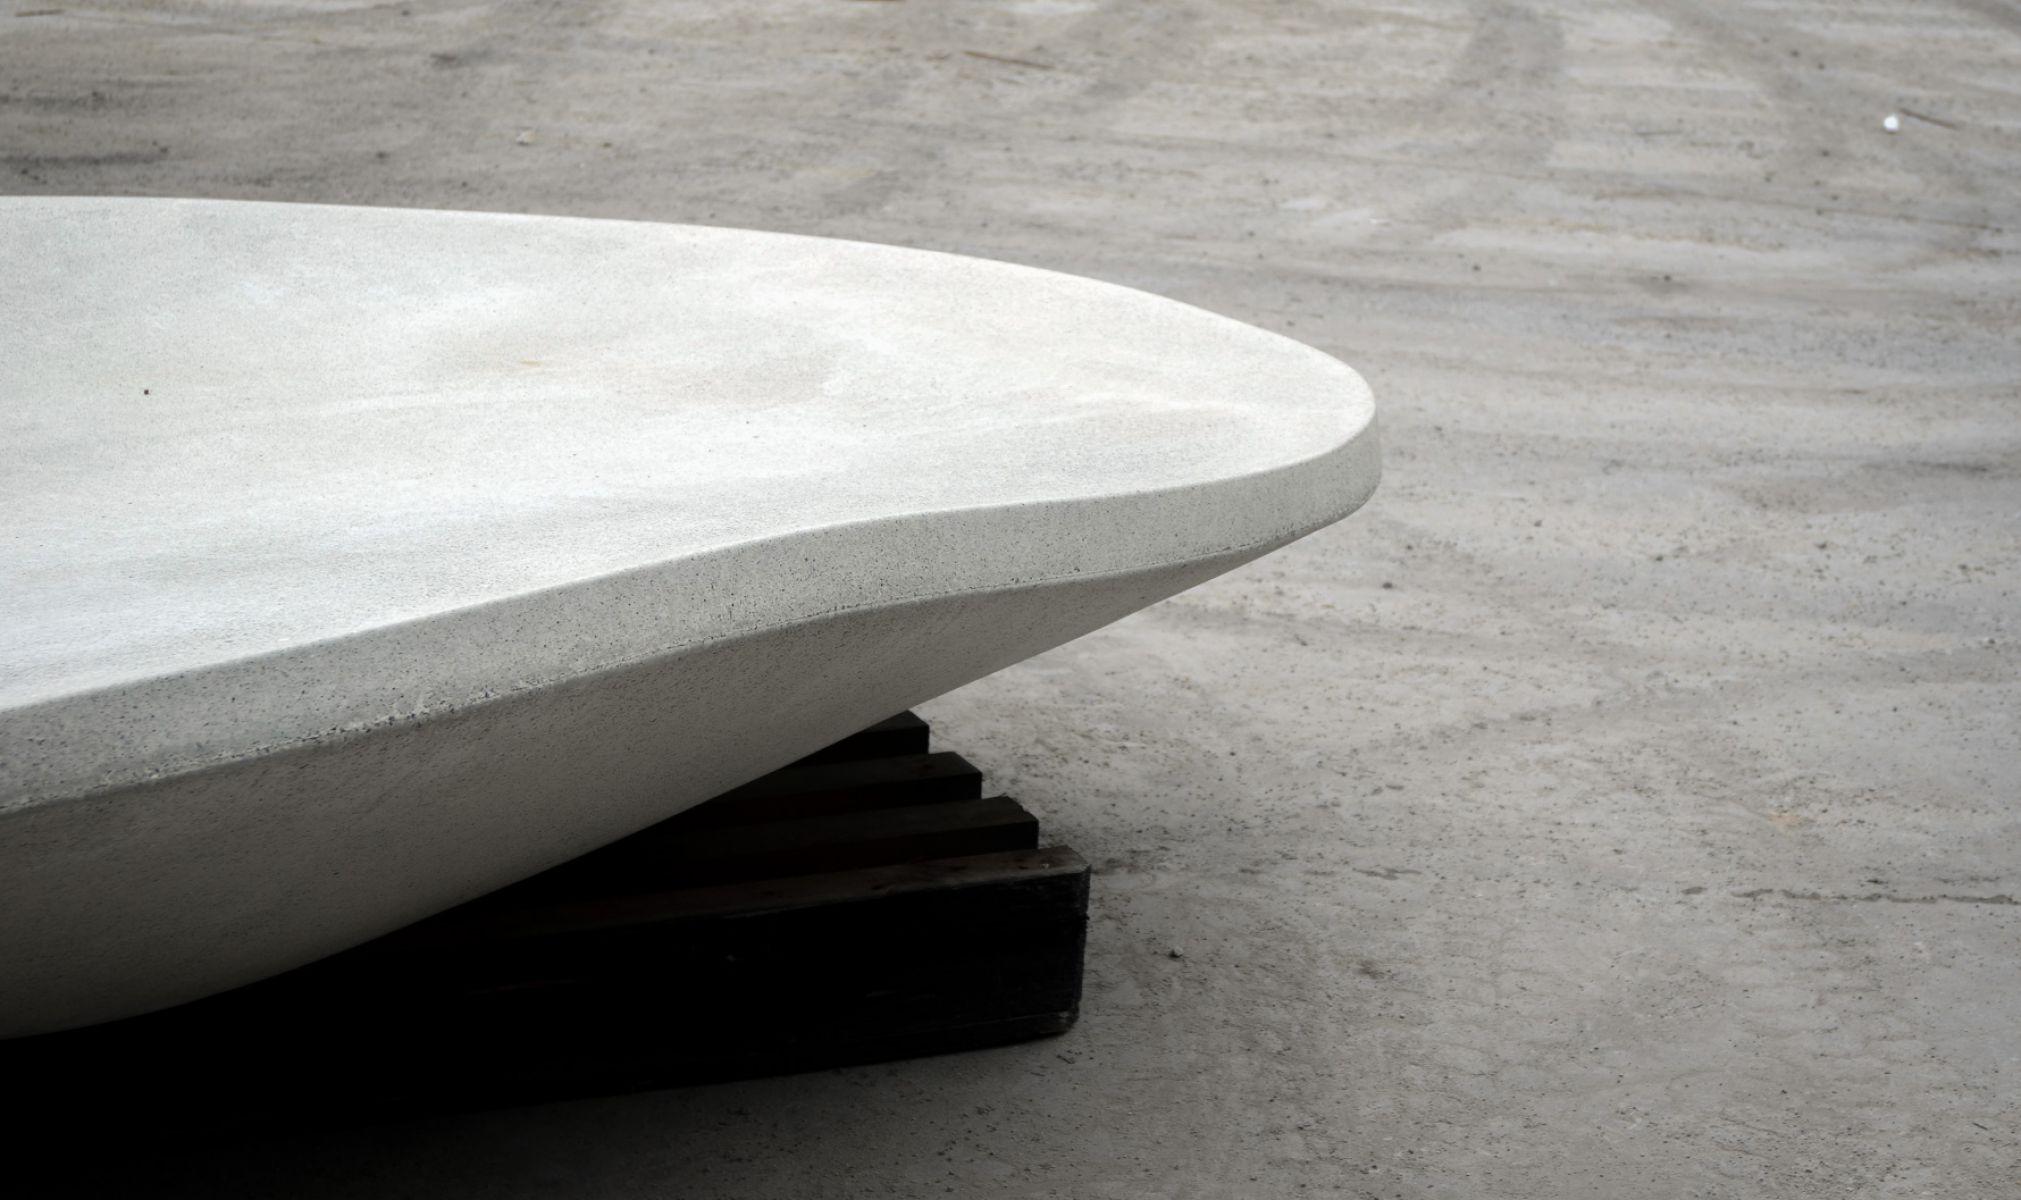 Núvol zitelement gemaakt van hoogwaardig beton